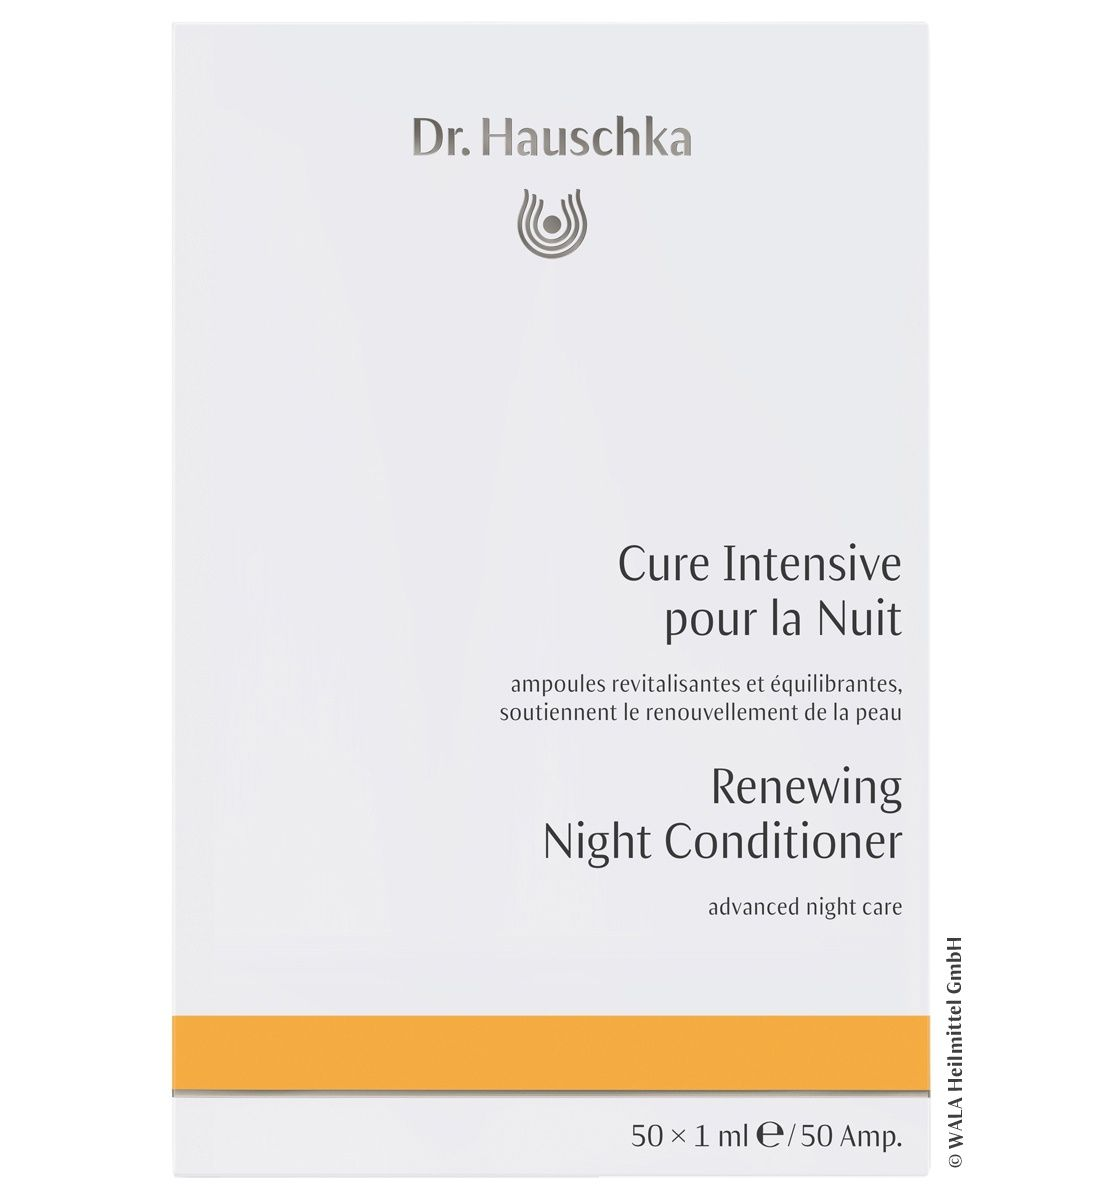 institut-paris-10-produits-dr-hauschka-3